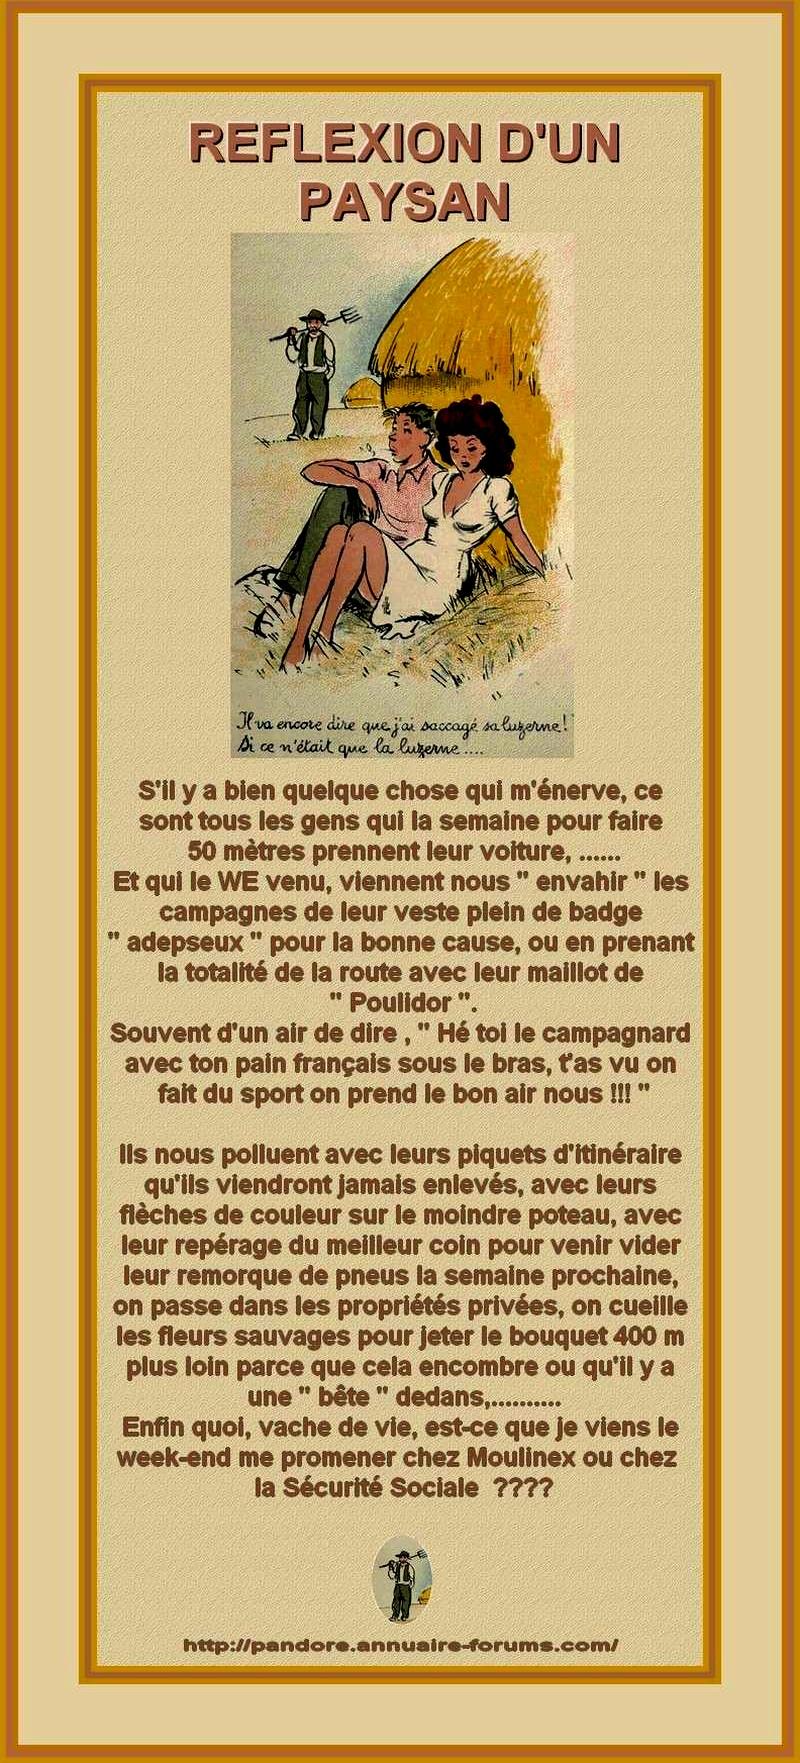 Bonjour demain W-E : reflexion d'un paysan : est-ce que je viens me promener chez Moulinex ou chez la S Sociale le dimanche ????  13021512052916073410868515